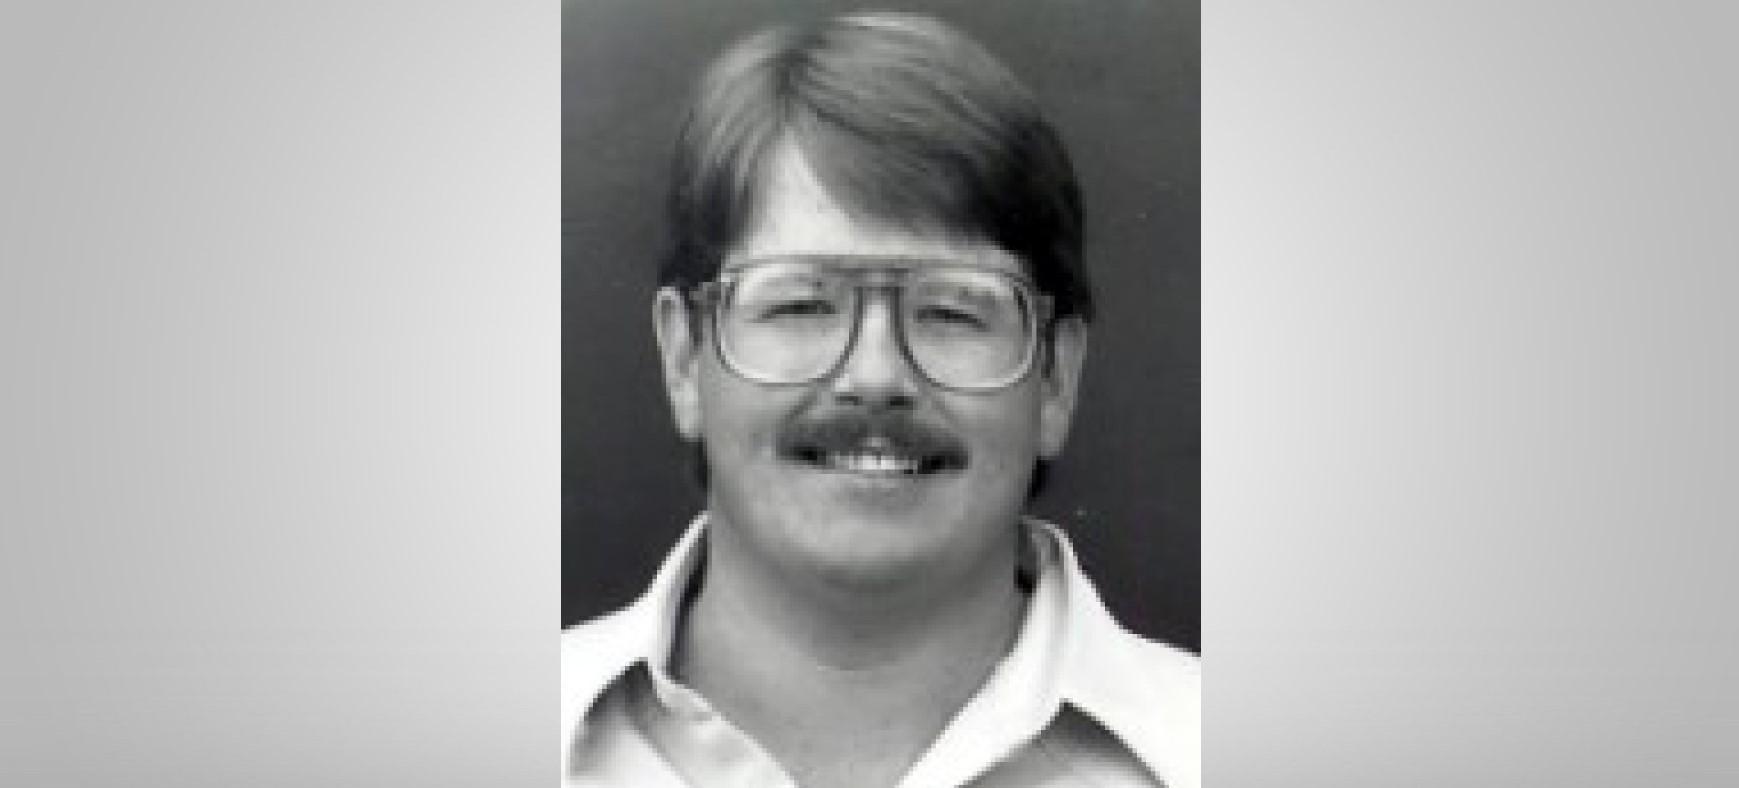 Chris Austin served as APSU's head softball coach from 1992-1998. Facebook.com